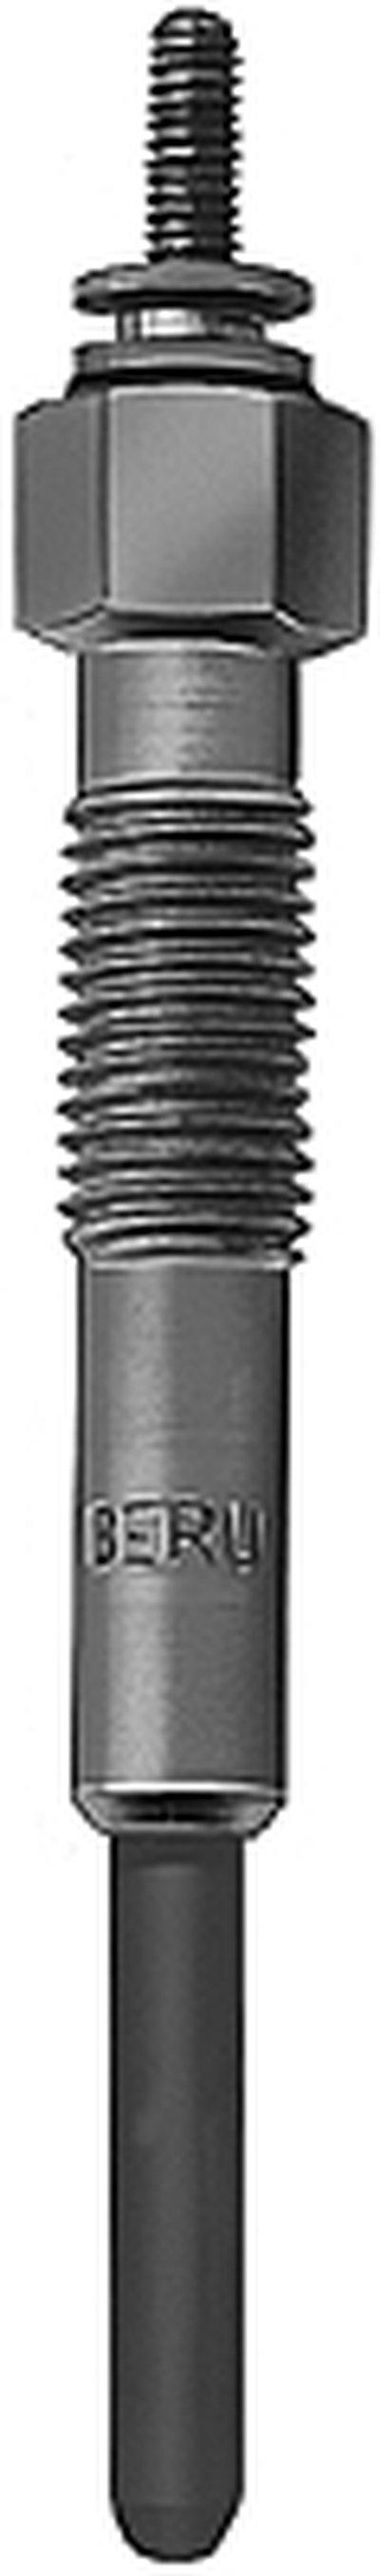 GV749 BERU Свеча накаливания